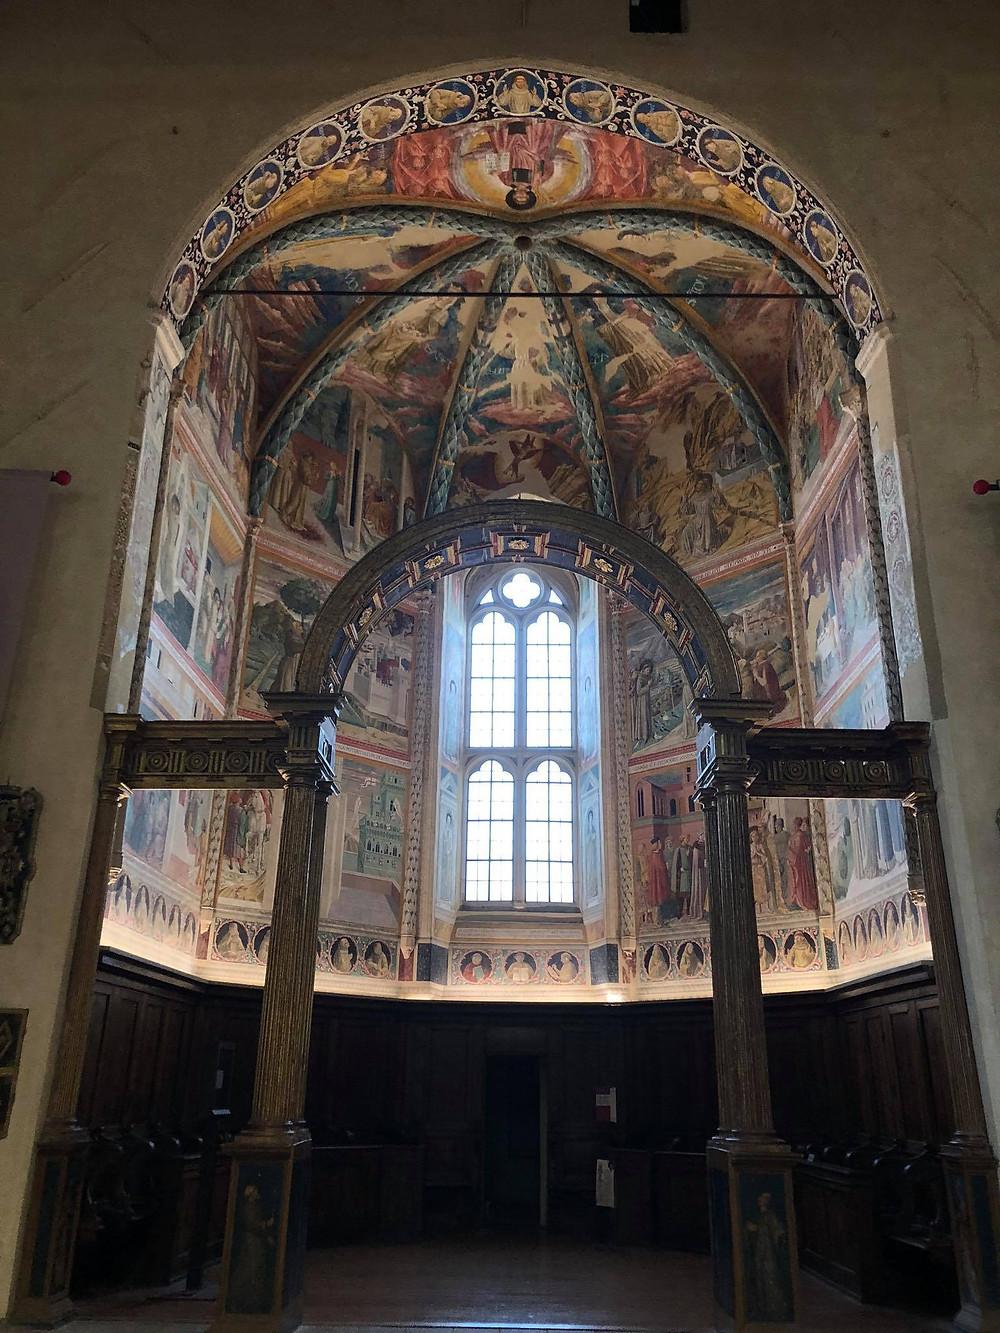 Benozzo Gozzoli decorated chapel in Montefalco Umbria Italy.